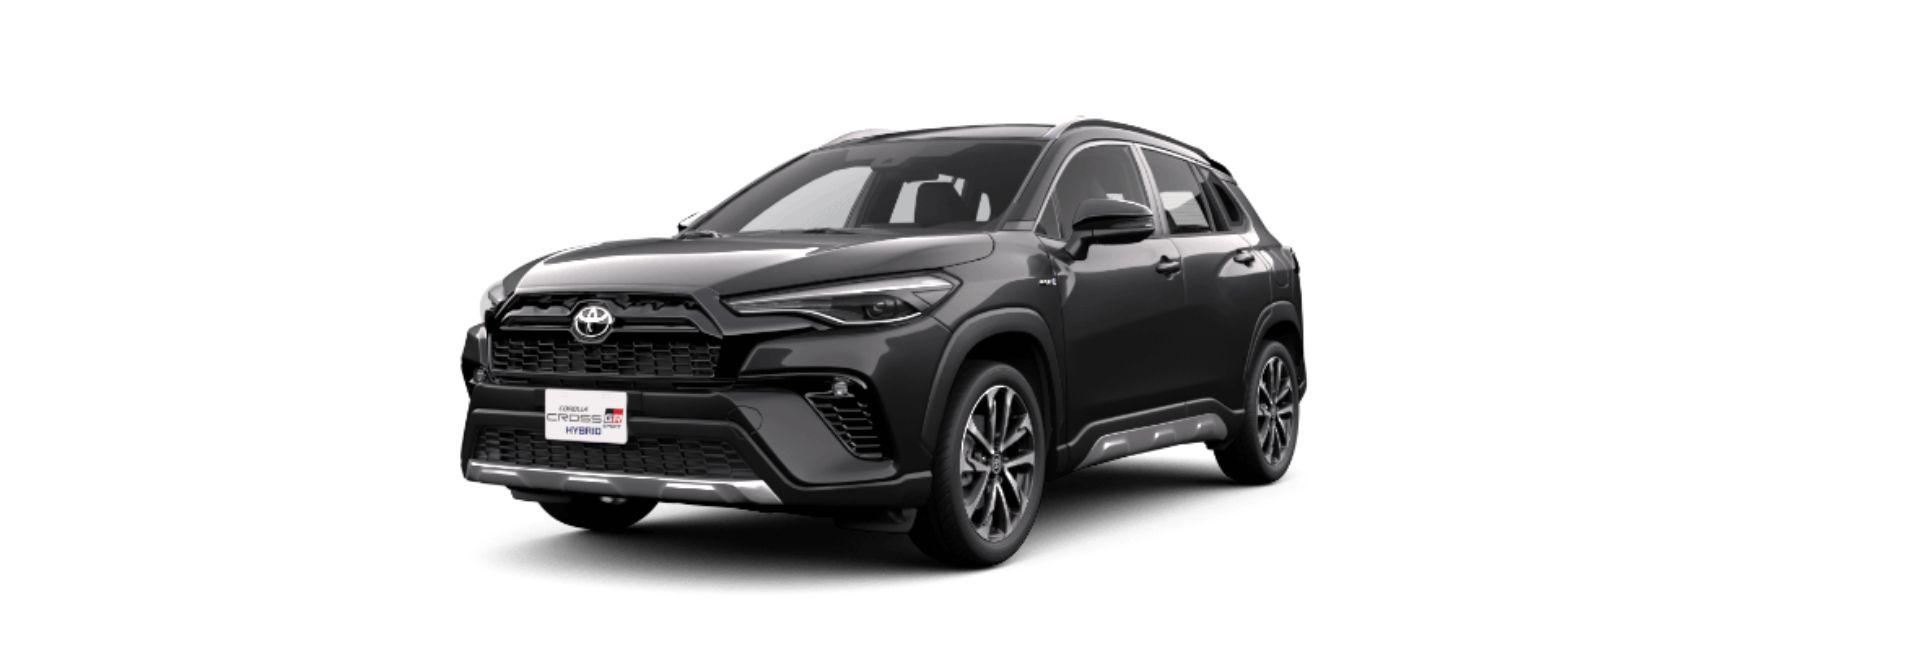 Toyota-Corolla-Cross-GR-Sport-9